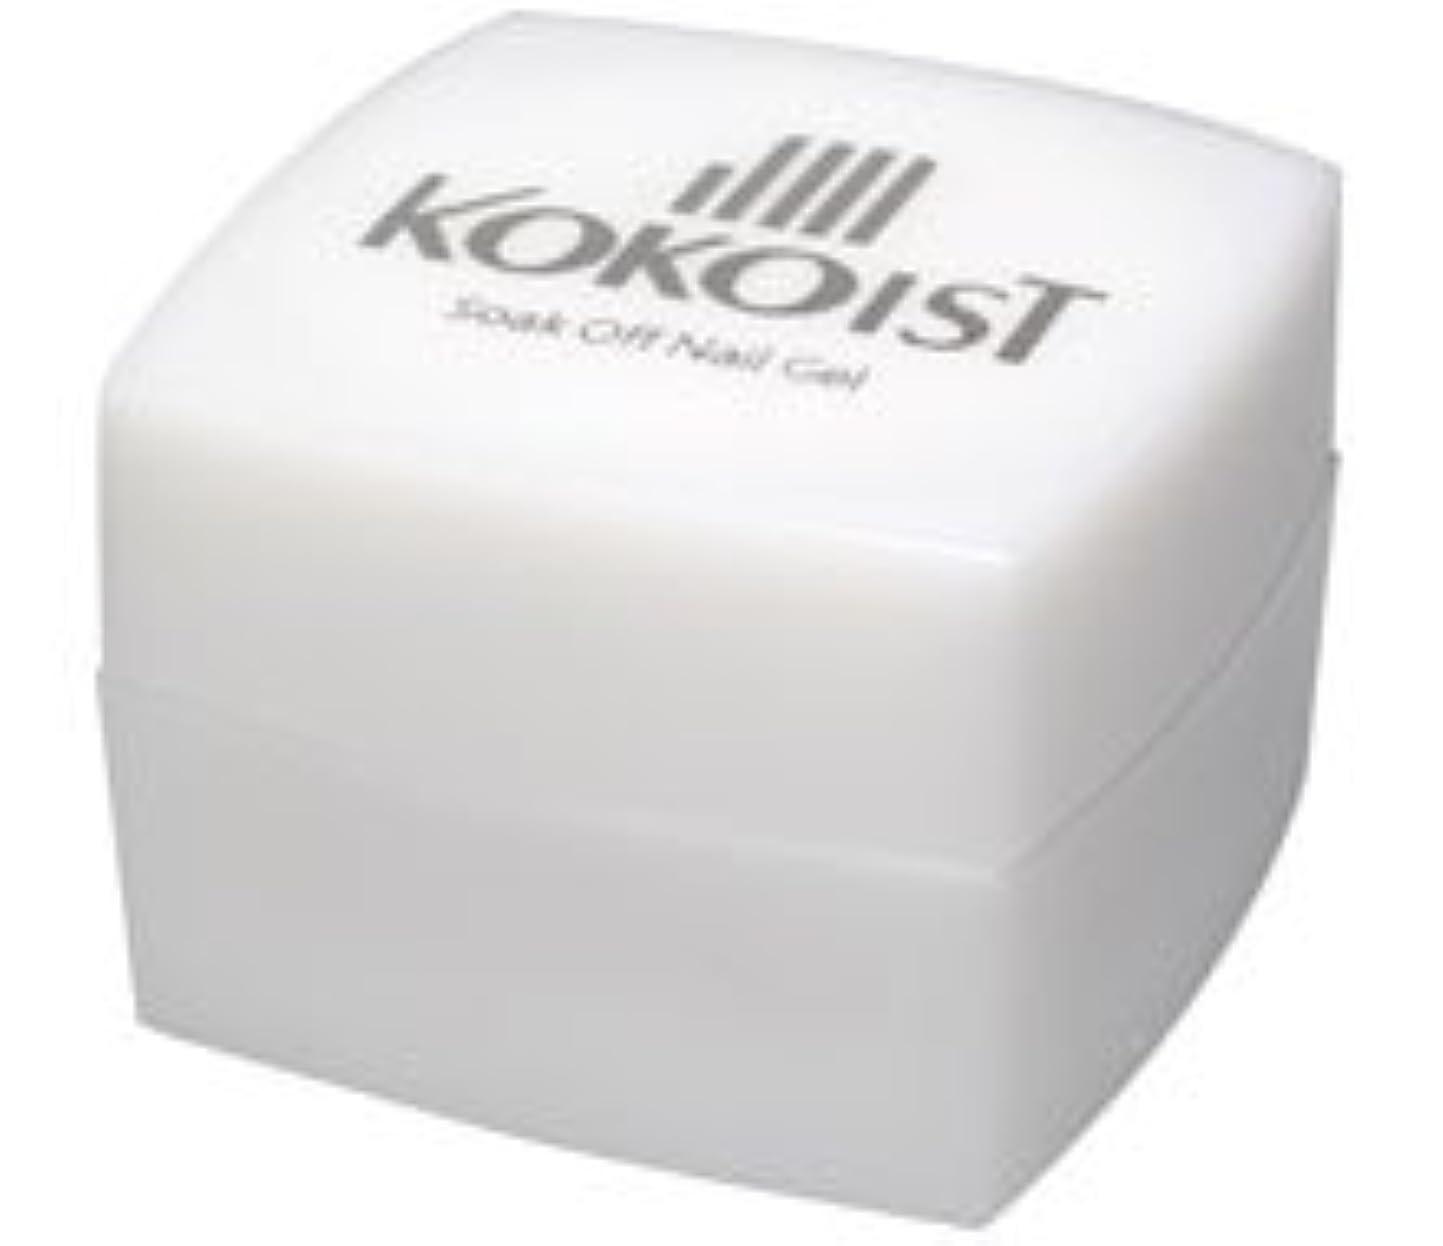 KOKOIST(ココイスト) ソークオフ クリアジェル プラチナボンドII 4g